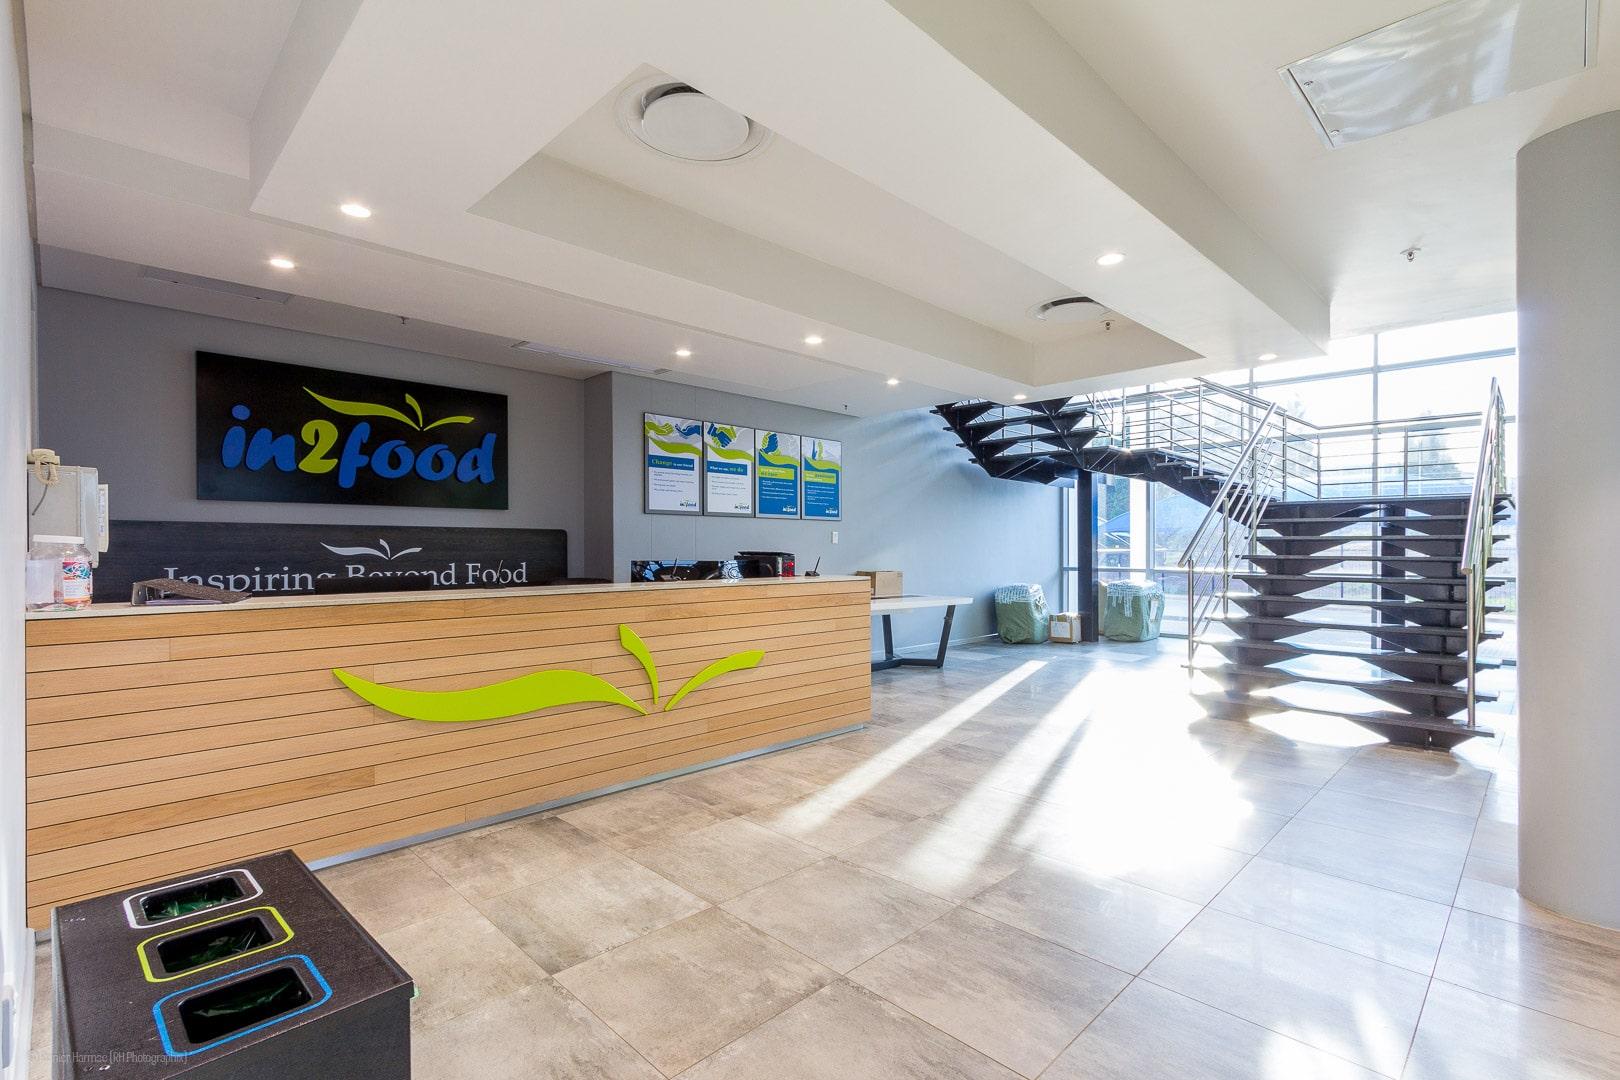 RHPX_Portfolio_Airport In2Food Interior-2